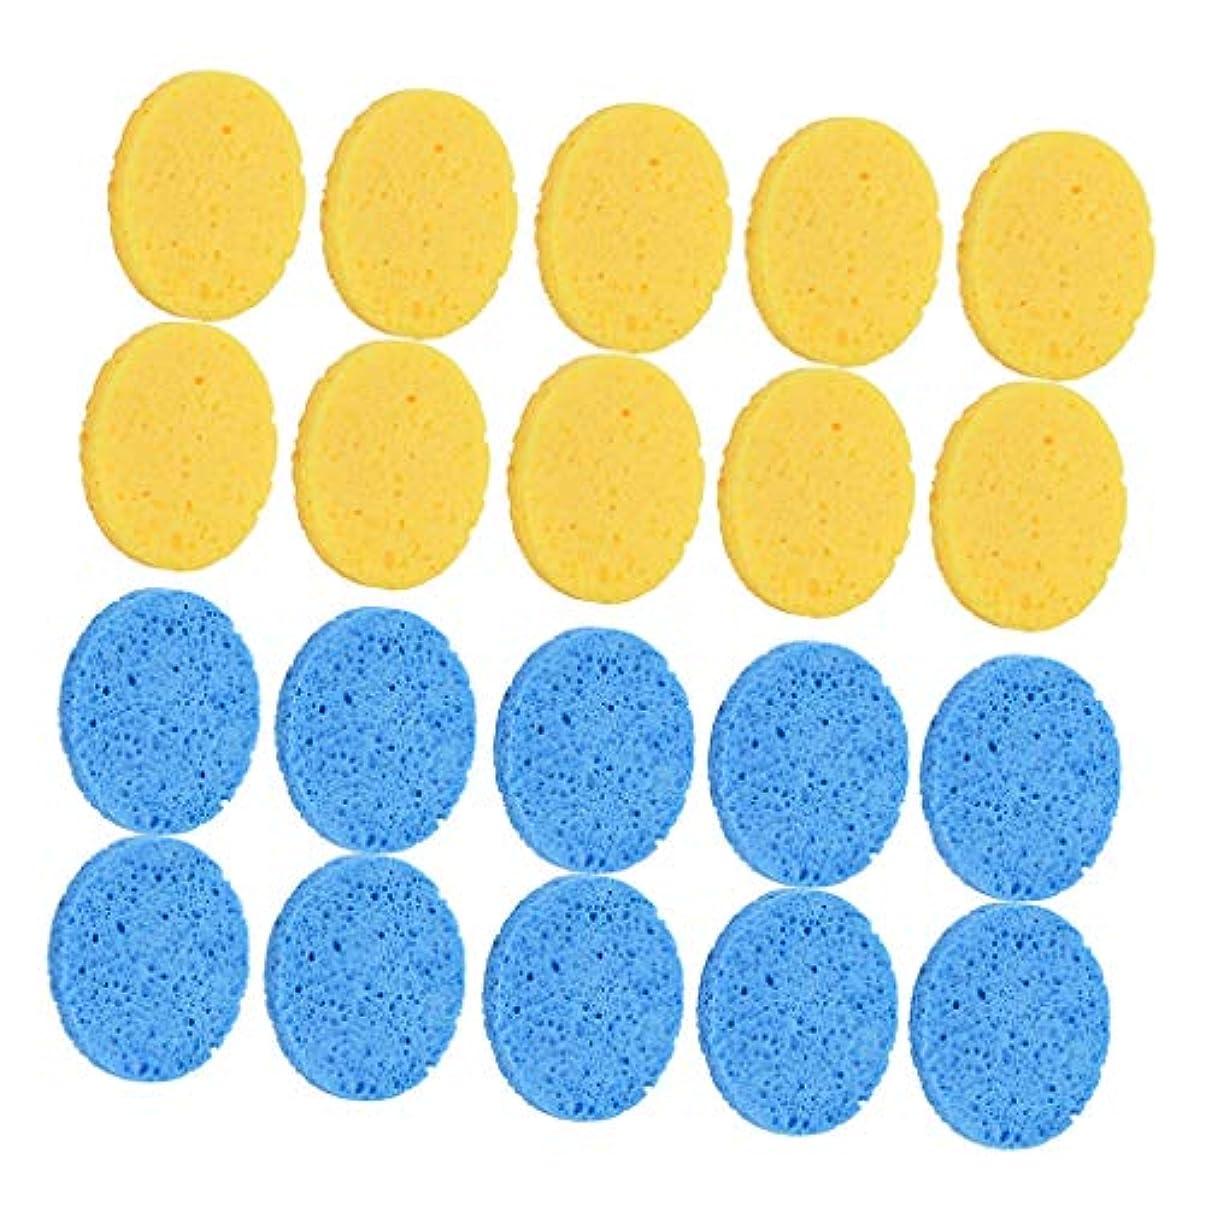 ペルセウス下品精査する20ピースフェイスクレンジング洗濯パッドパフメイク化粧品除去ラウンドスポンジ